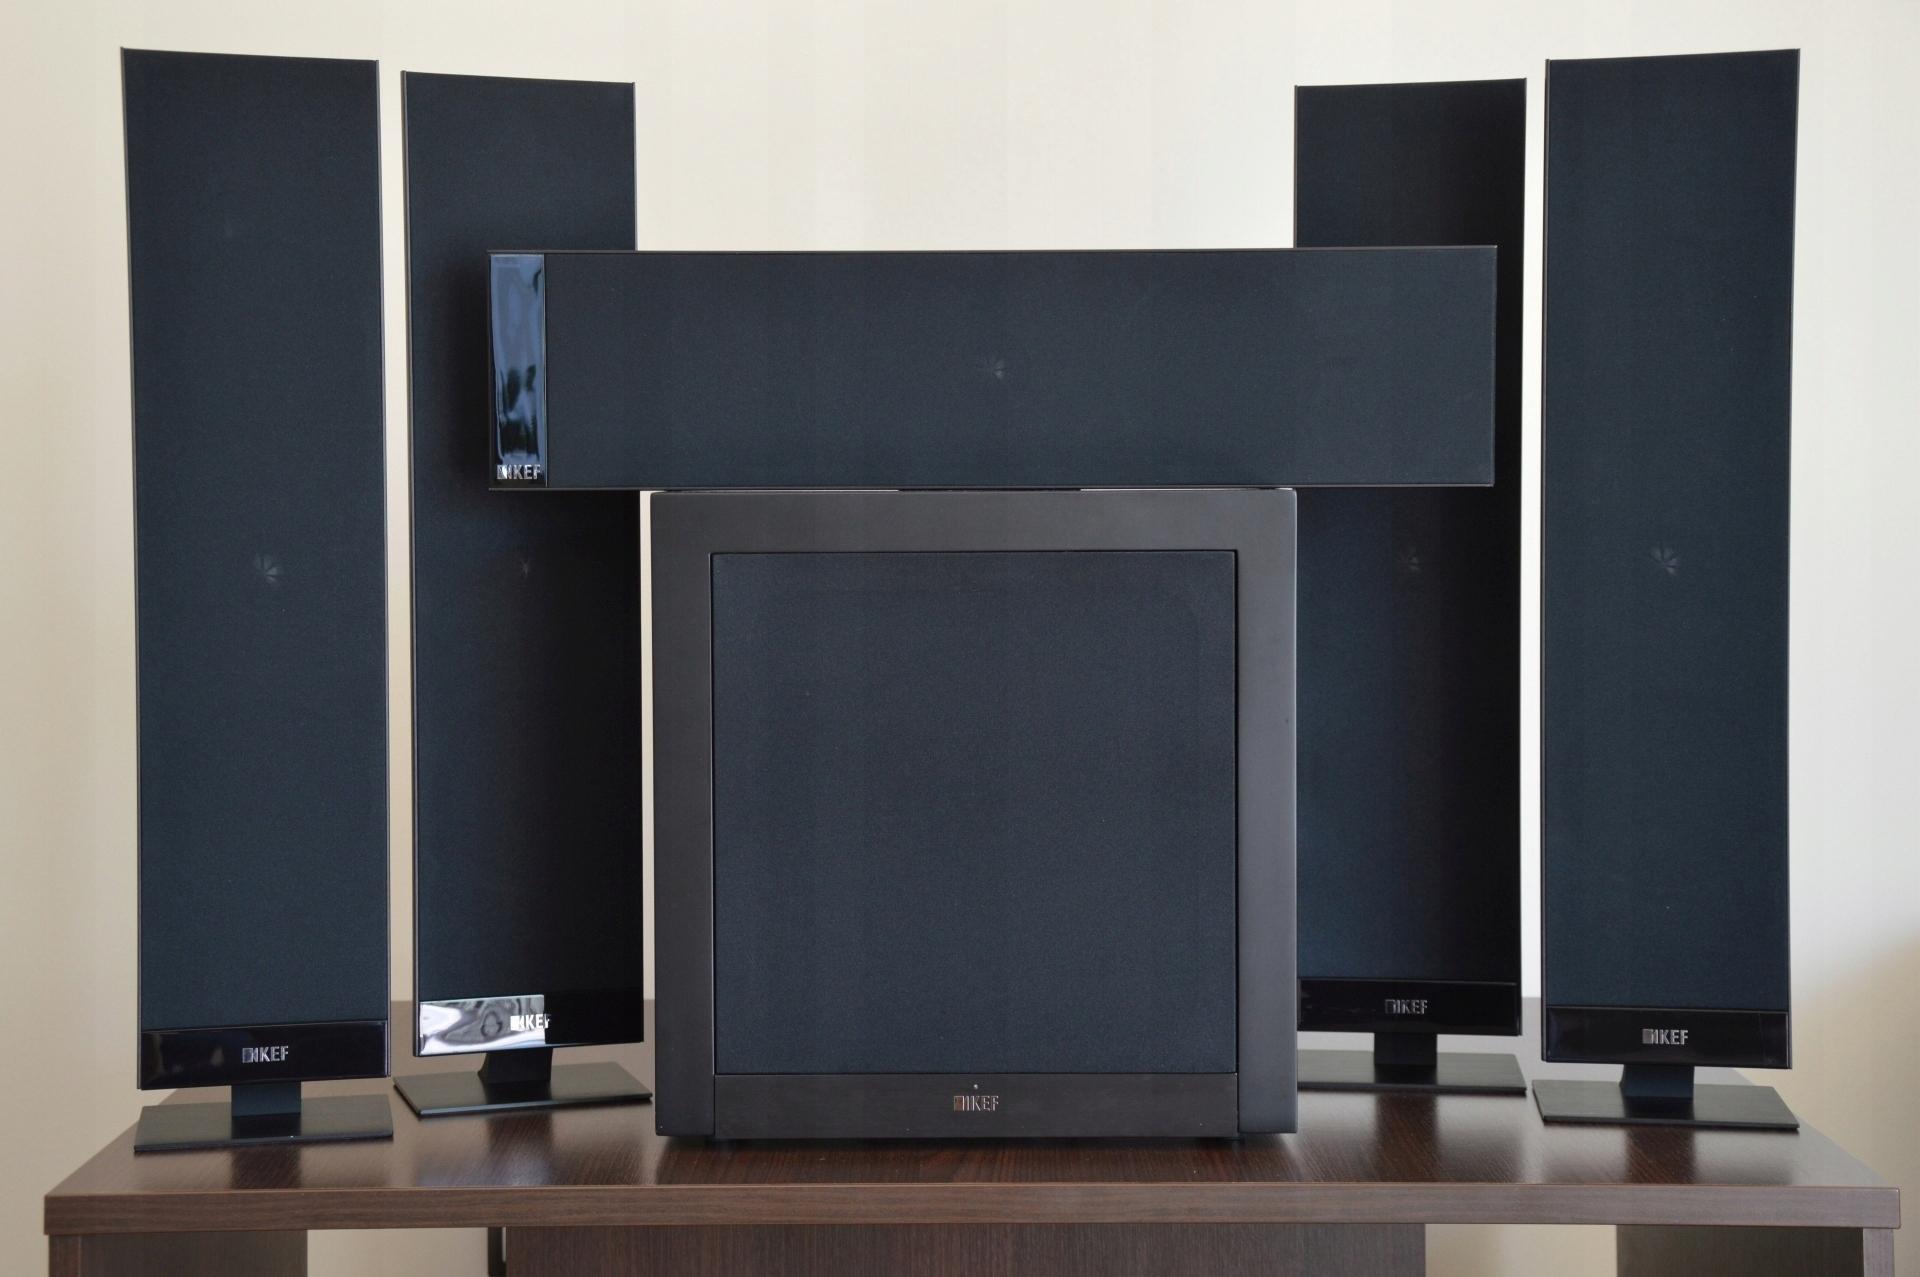 KEF T305 - zestaw płaskich głośników kina domowego